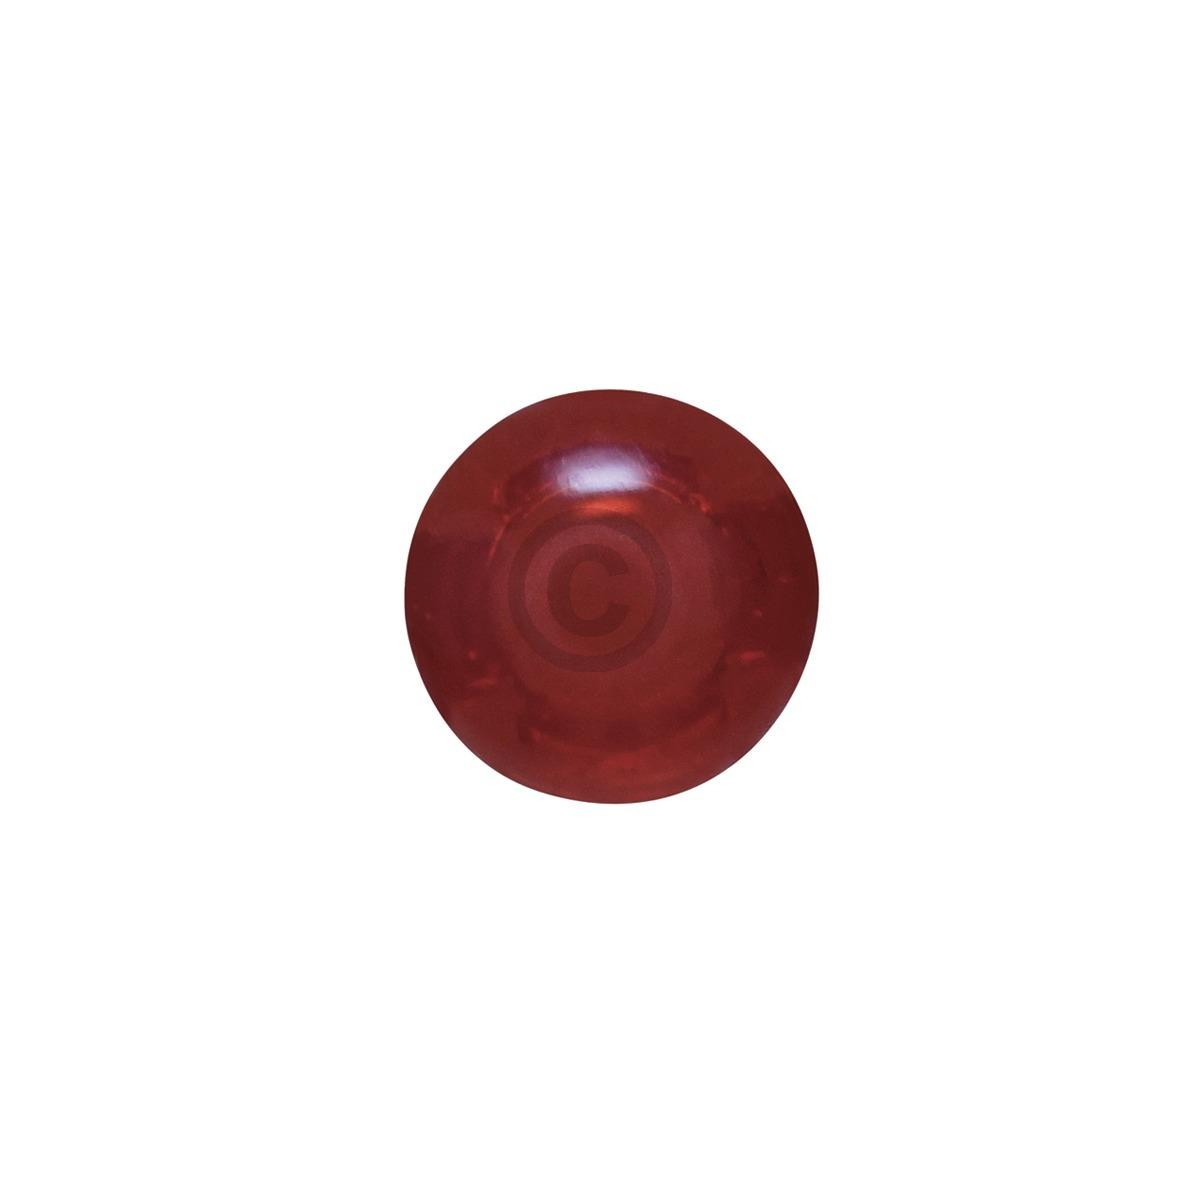 Lampenabdeckung Ø7mm rot, rund 481946279749 Bauknecht, Whirlpool, Ikea